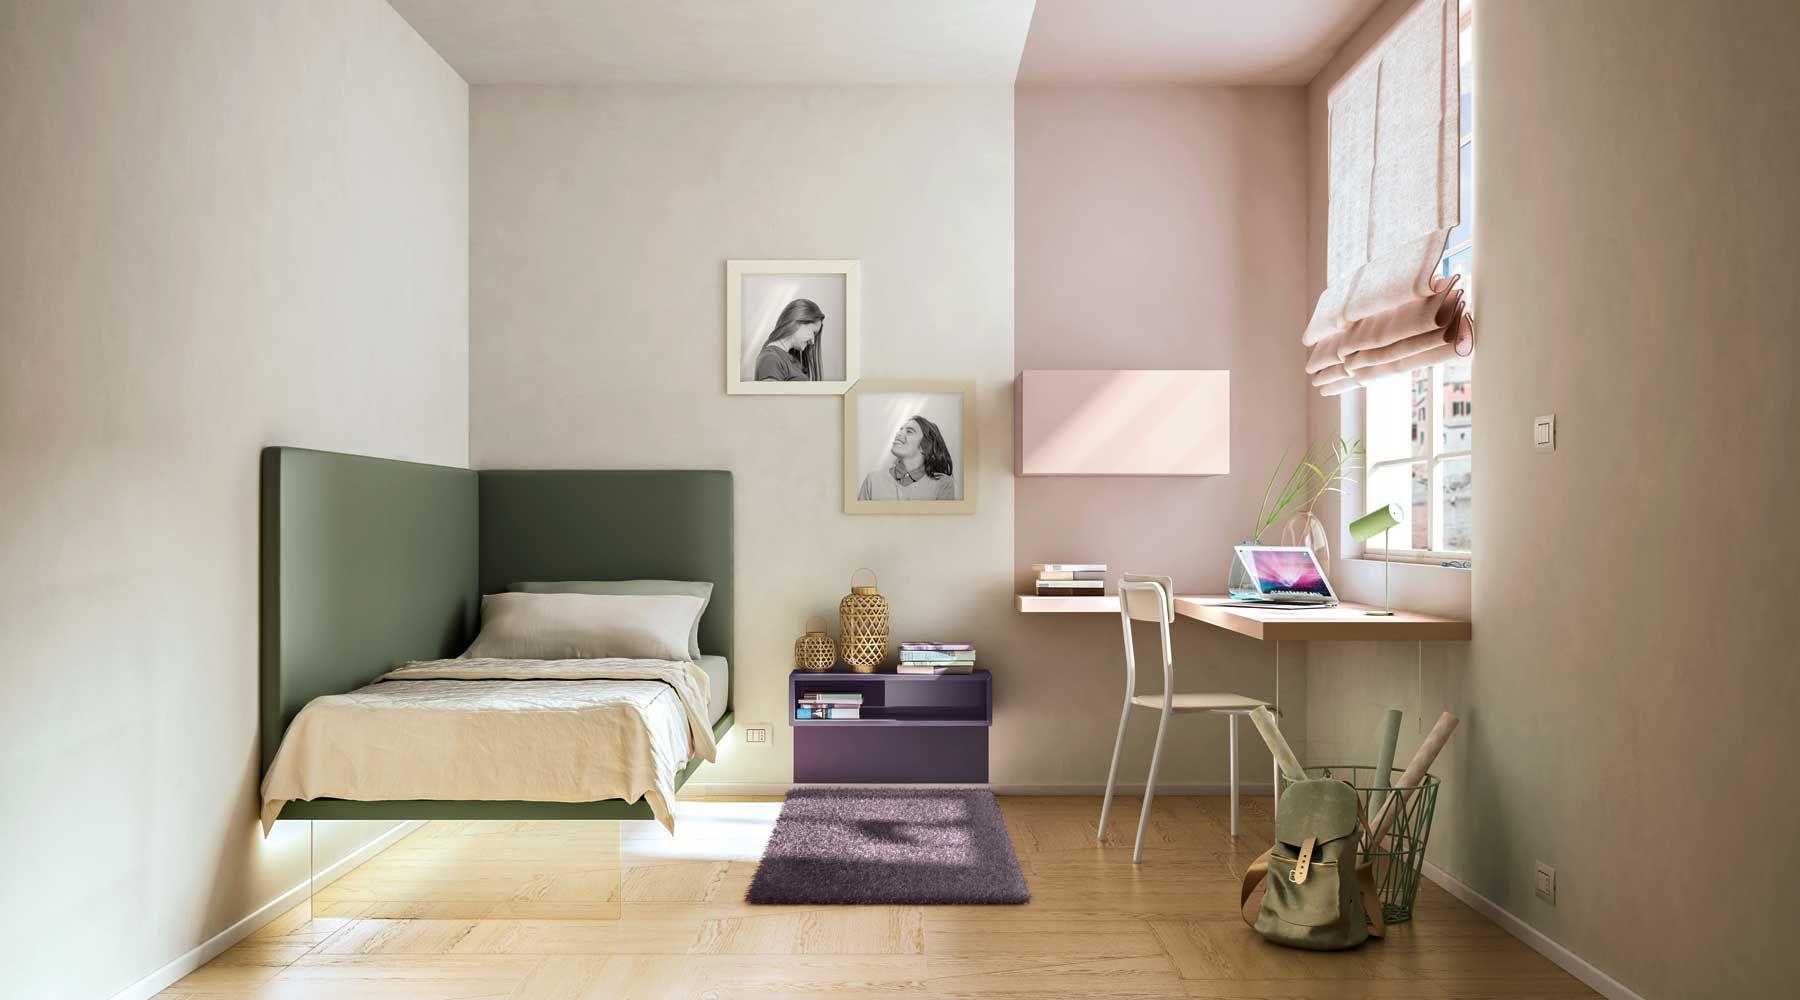 Una cama de esquina perfecta para amueblar habitaciones